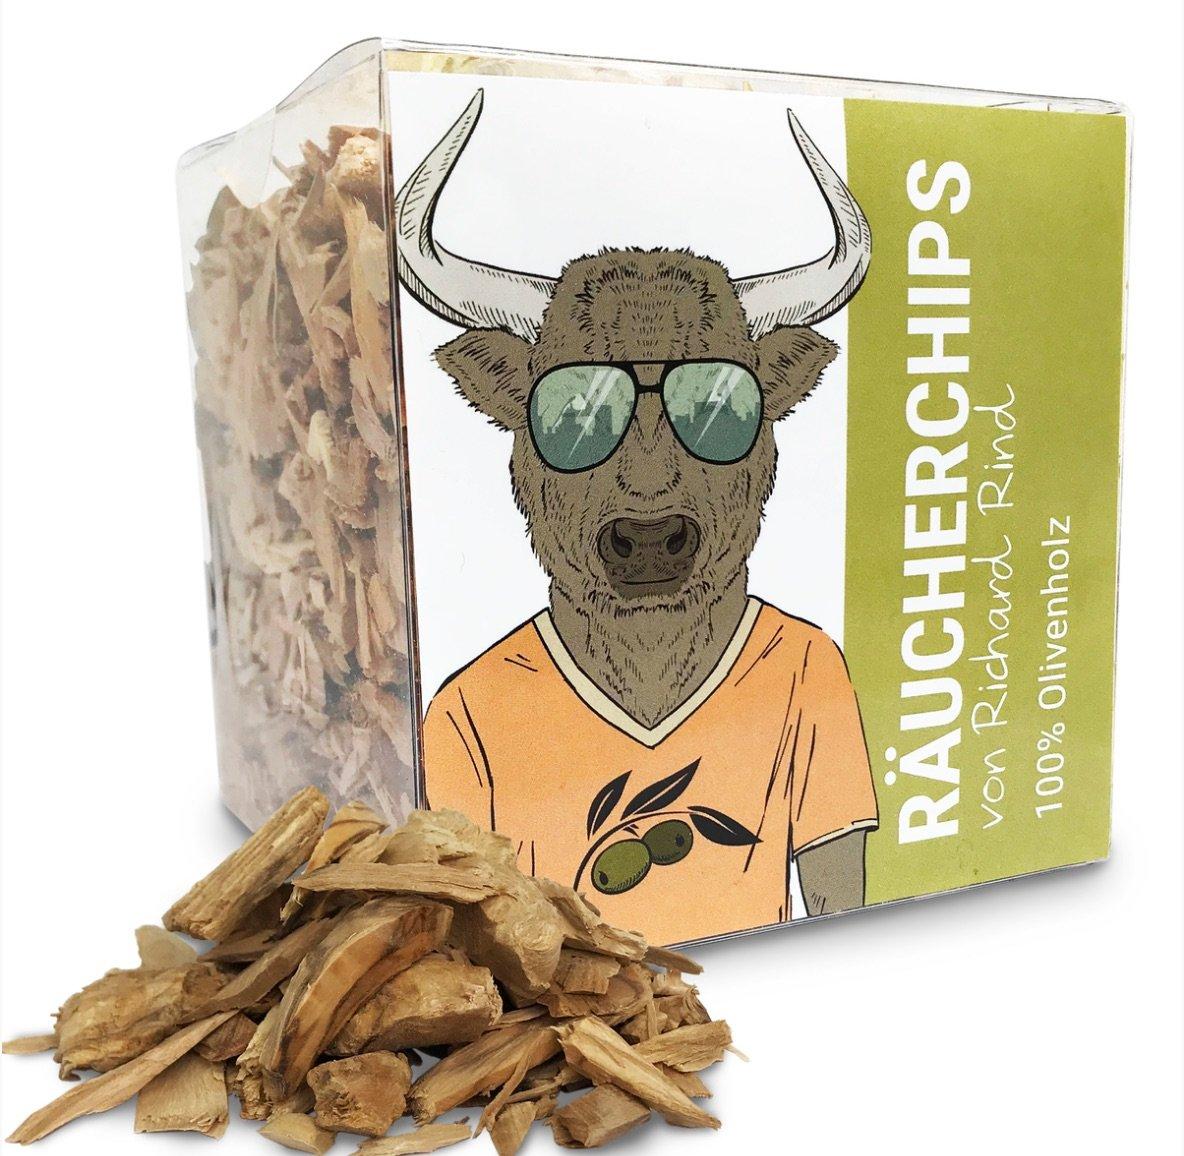 Les ramequins en bois d'olivier confèrent à votre viande un goût méditerranéen Richard Rind